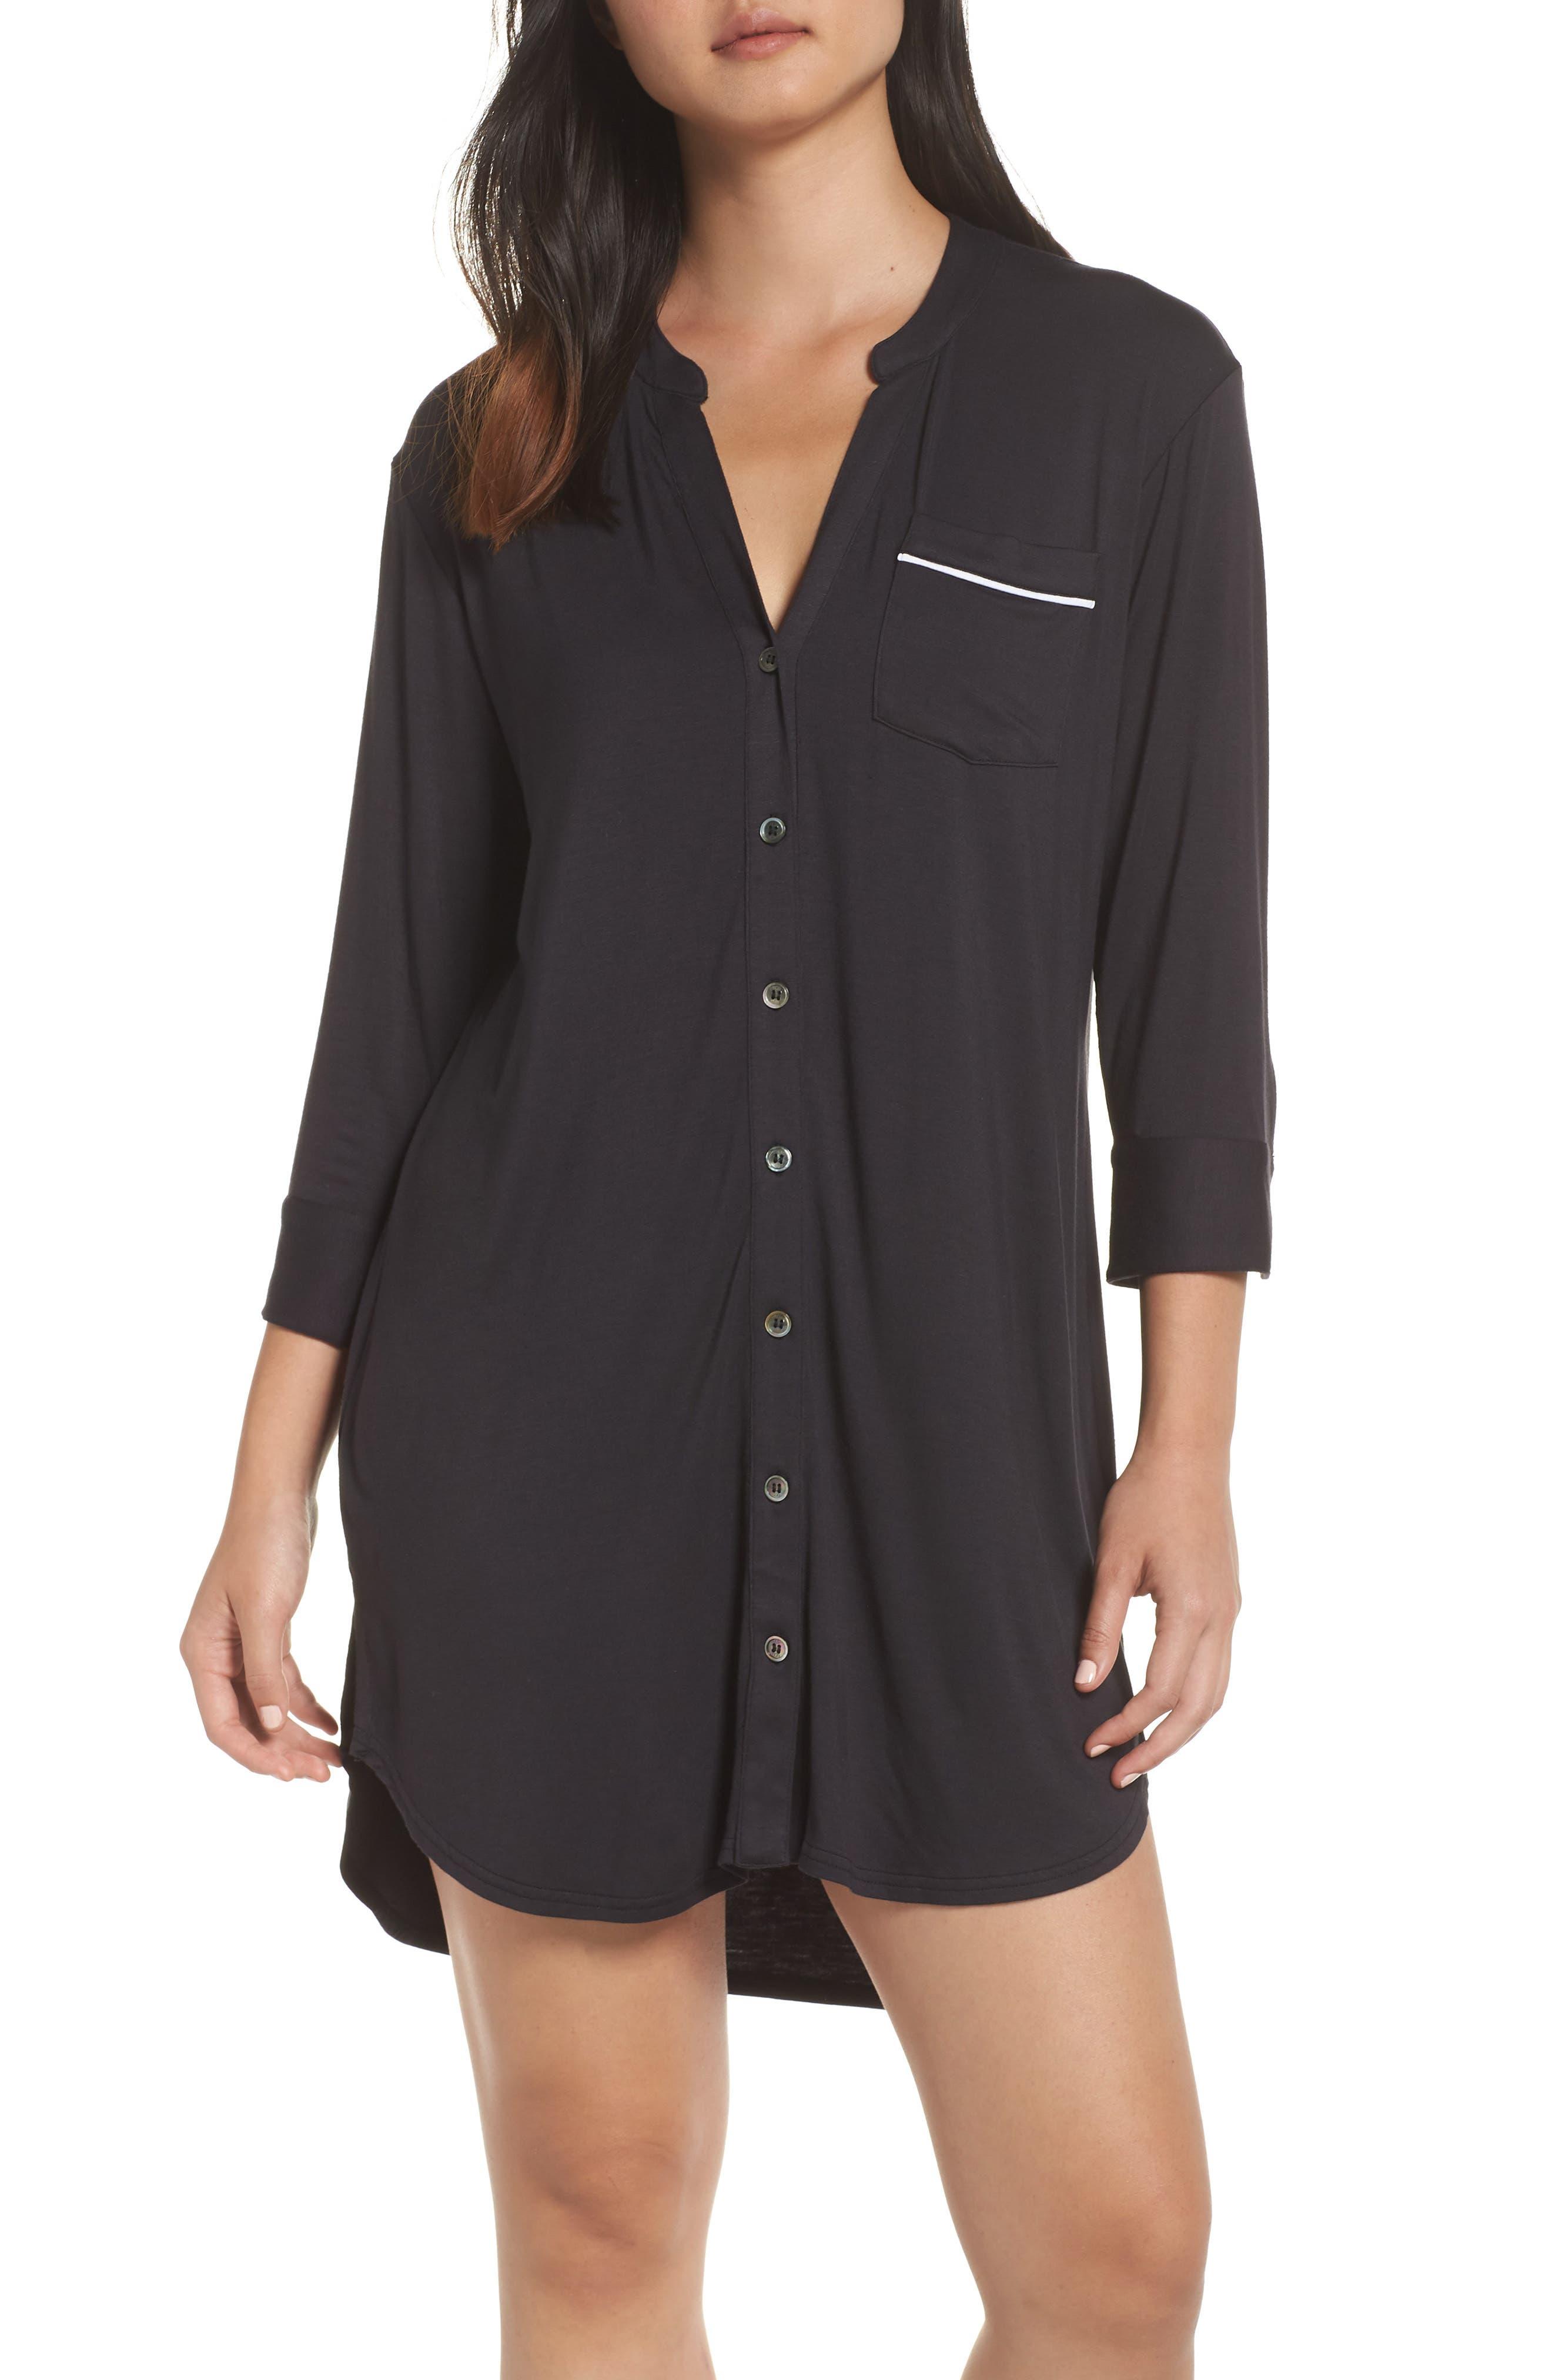 Ugg Vivian Sleep Shirt